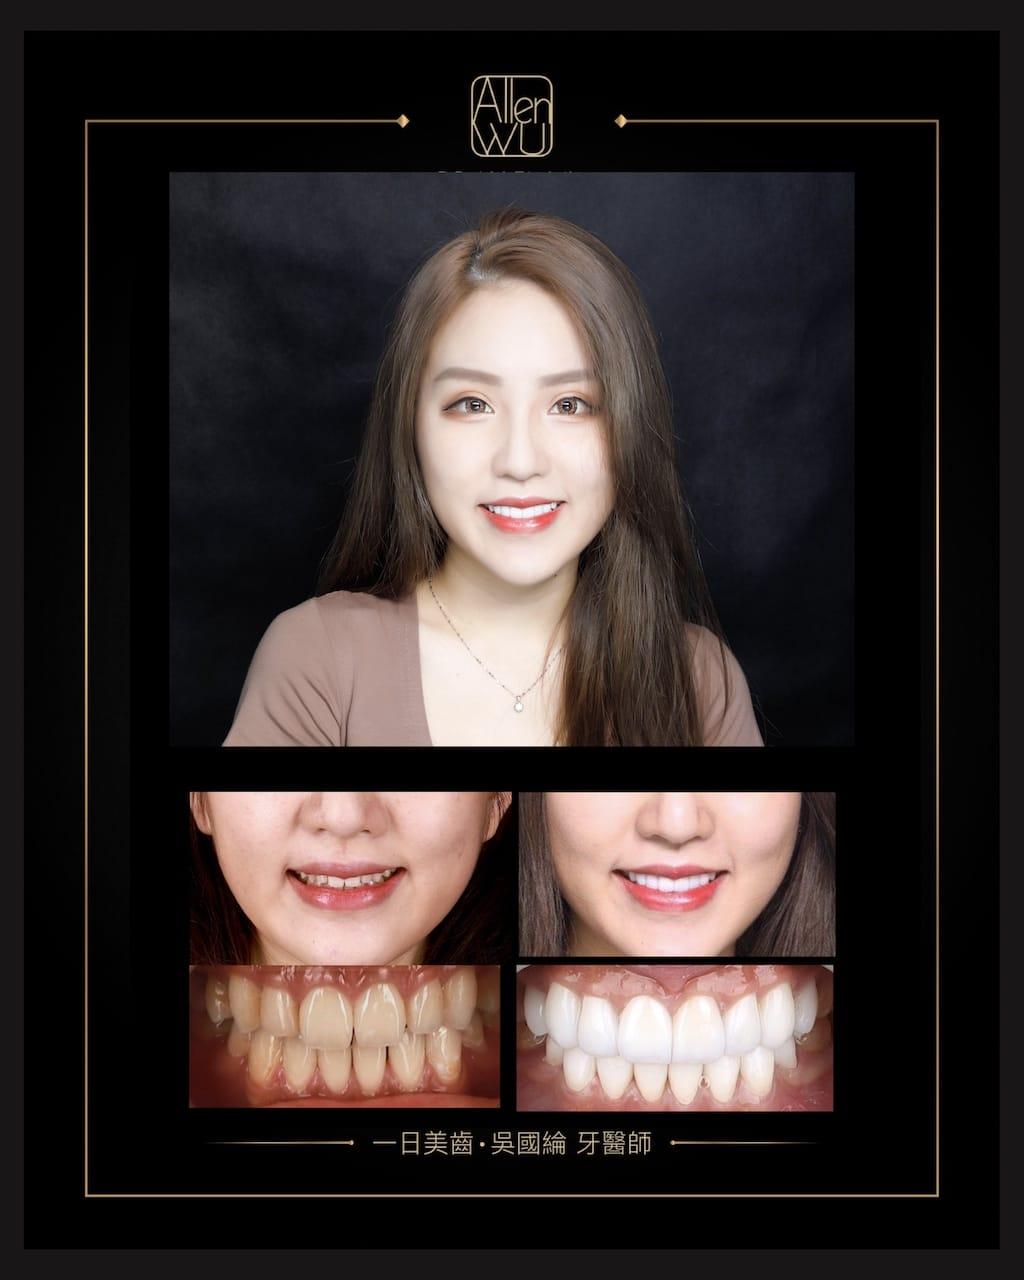 瓷牙貼片 DSD數位微笑設計-最好印象-對比照-吳國綸醫師-牙齒美白貼片推薦專家-台中